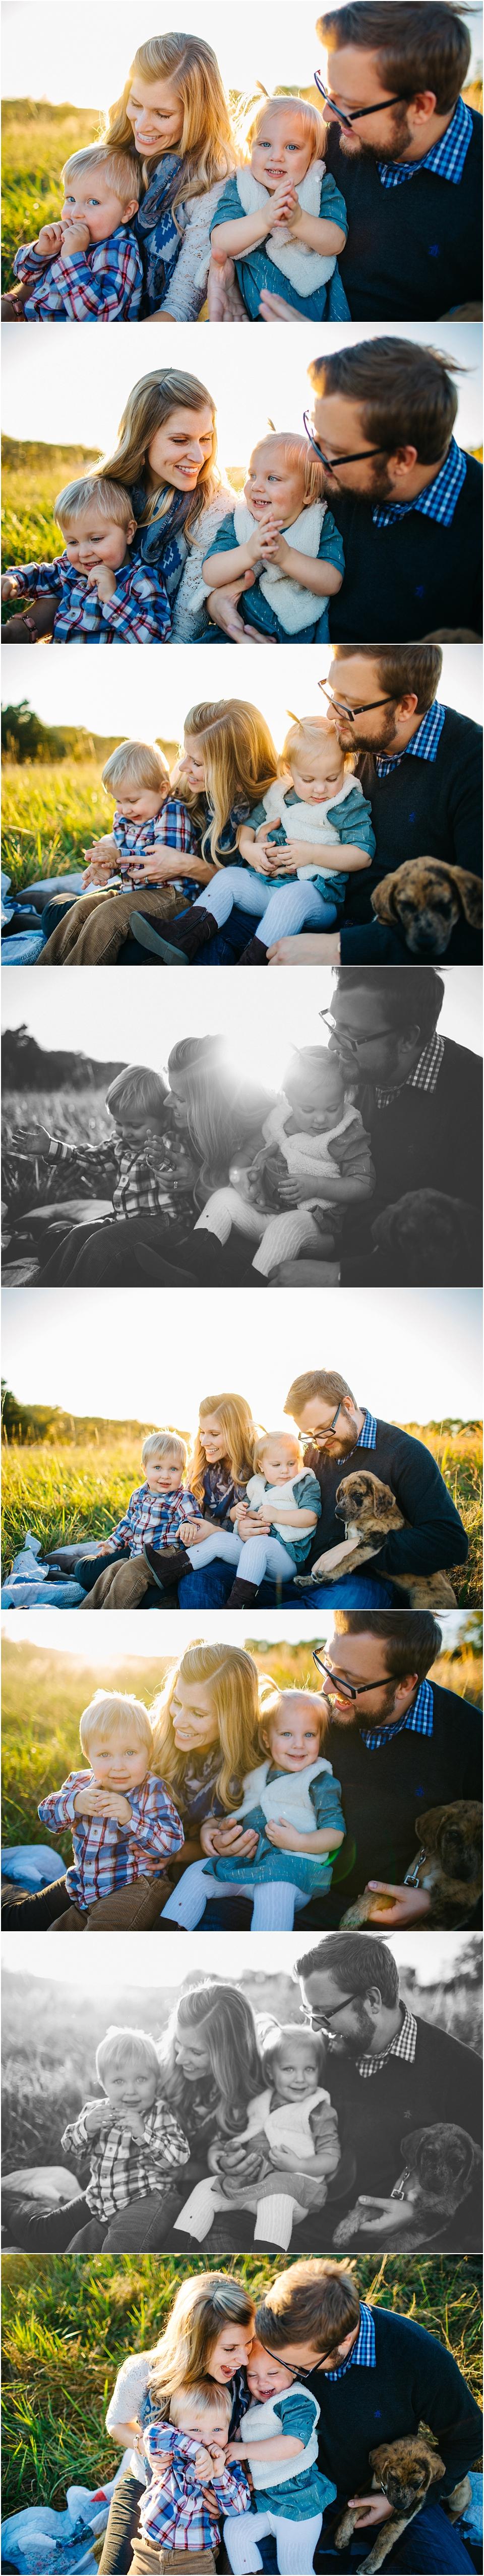 kansascitybestfamilyphotographer_0115